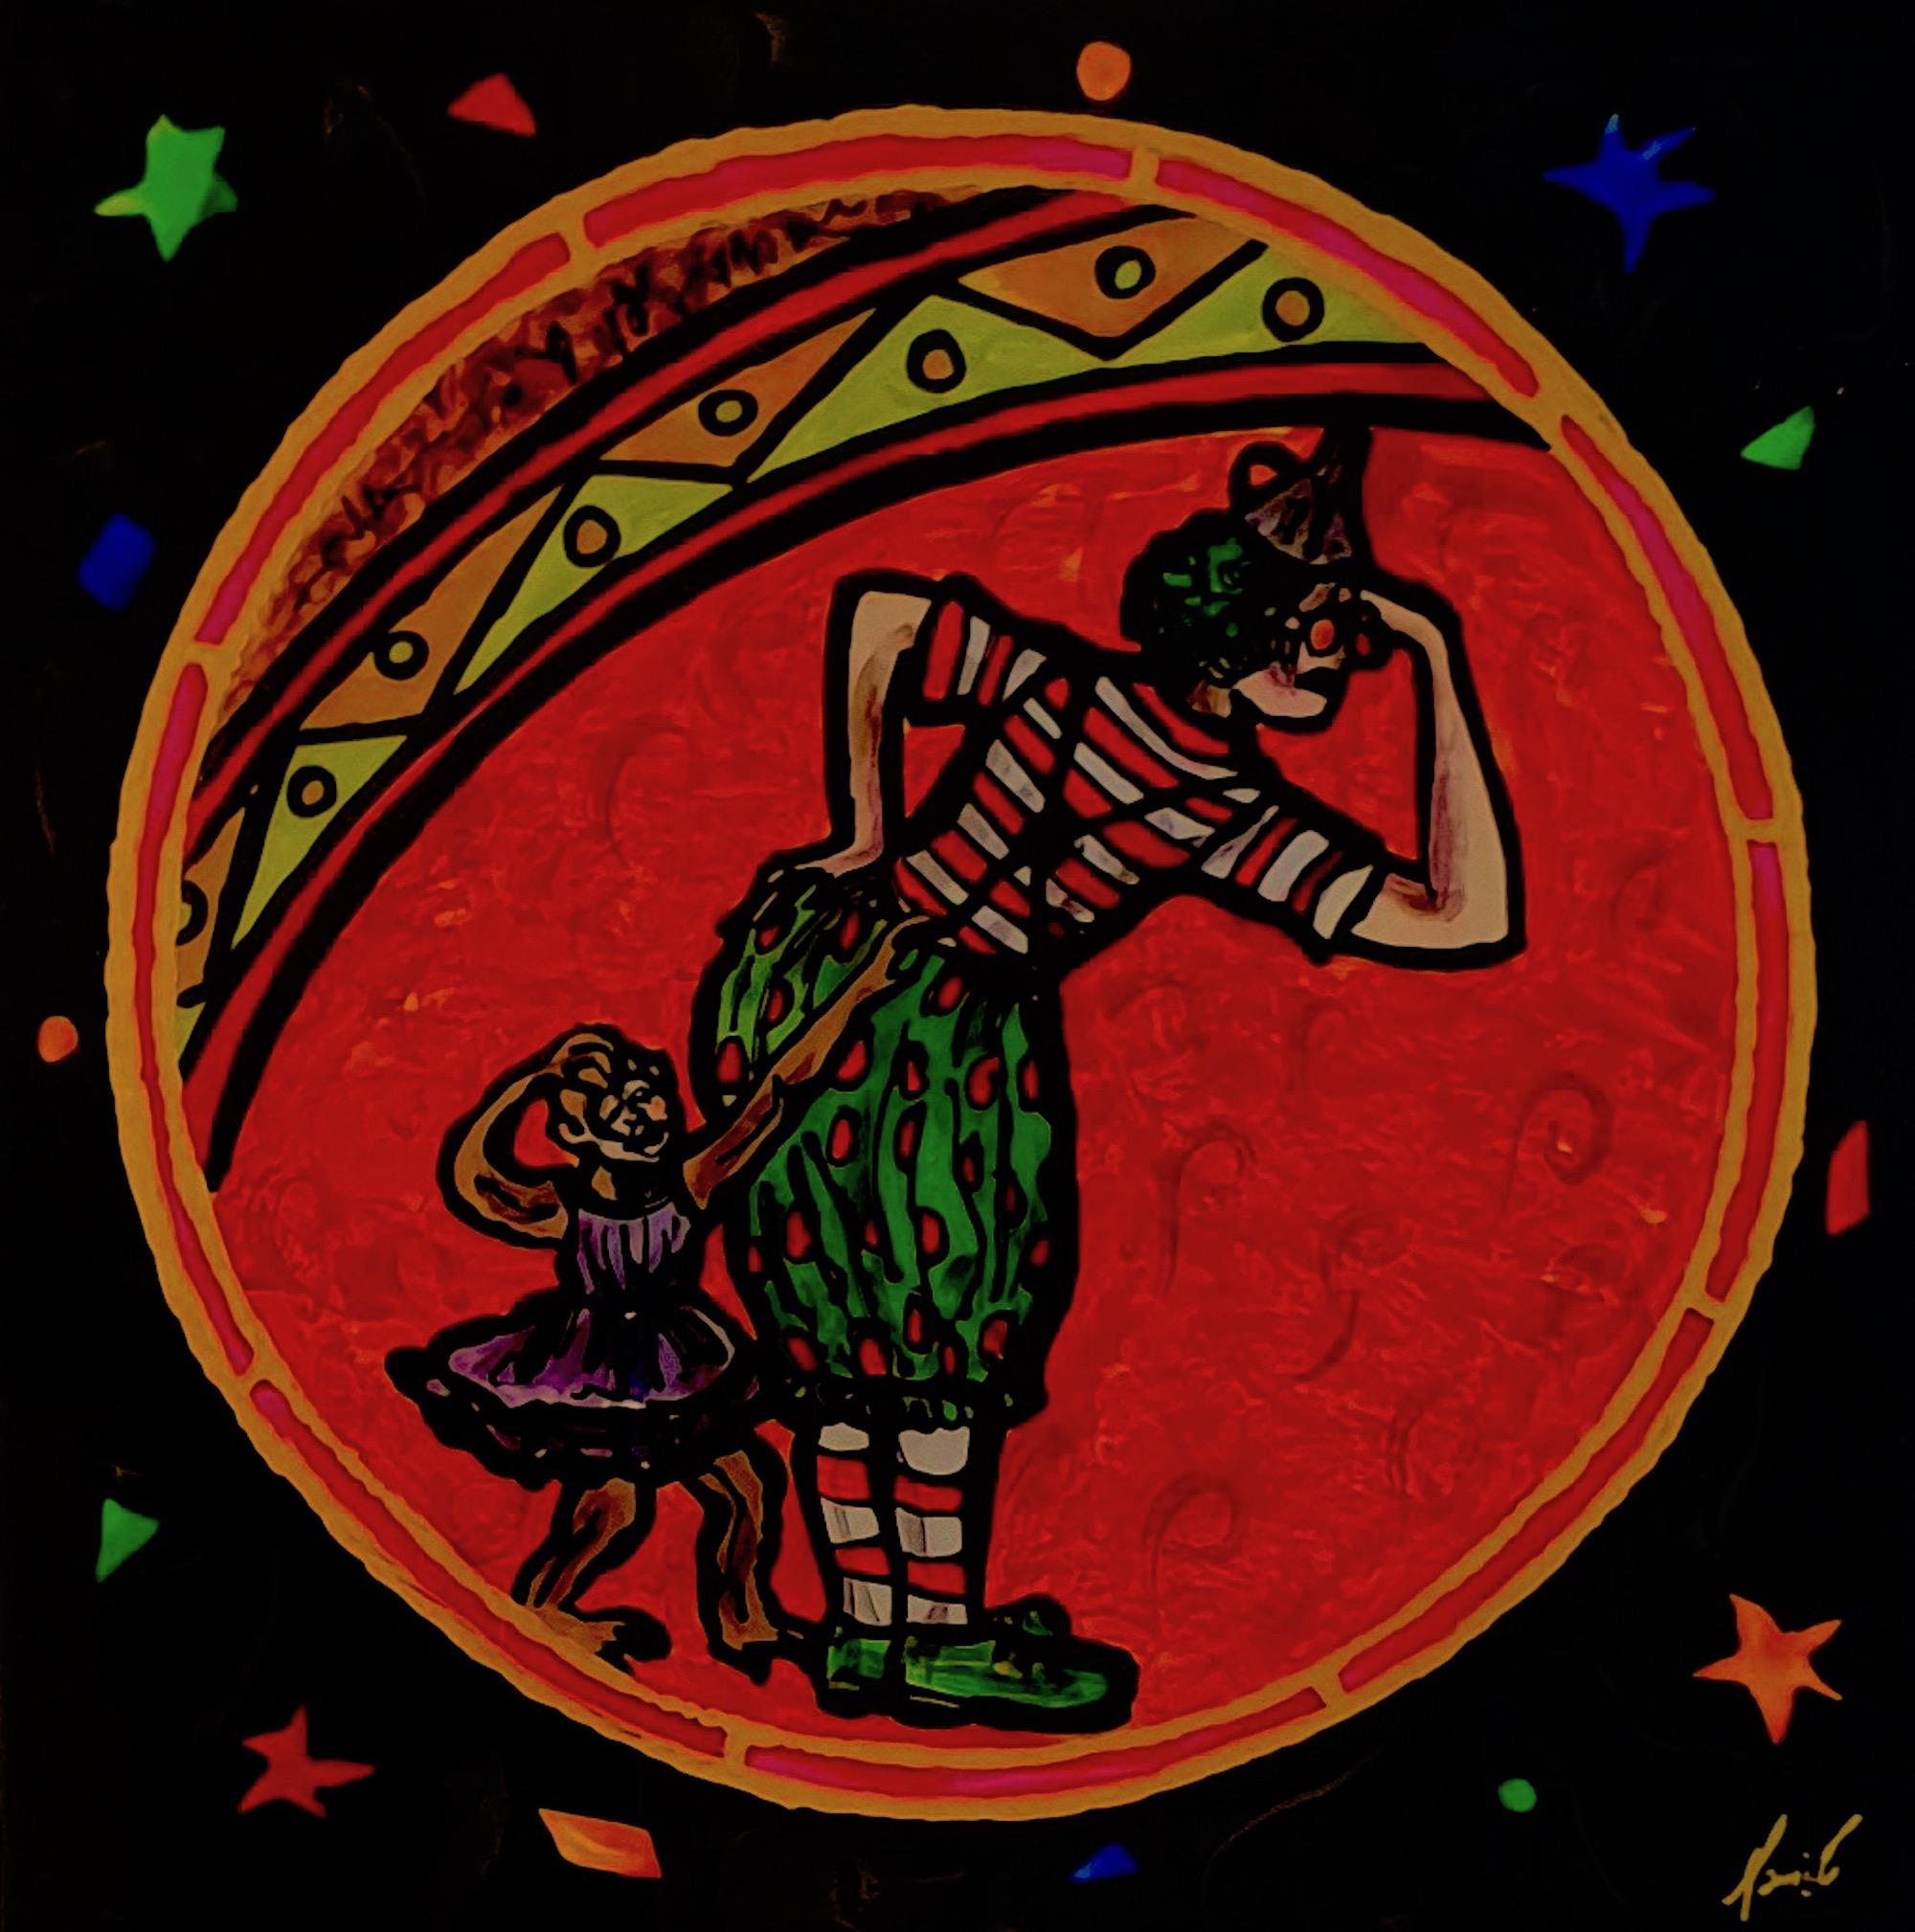 MAMI / mages et Poésie, De l'Esprit du Cirque